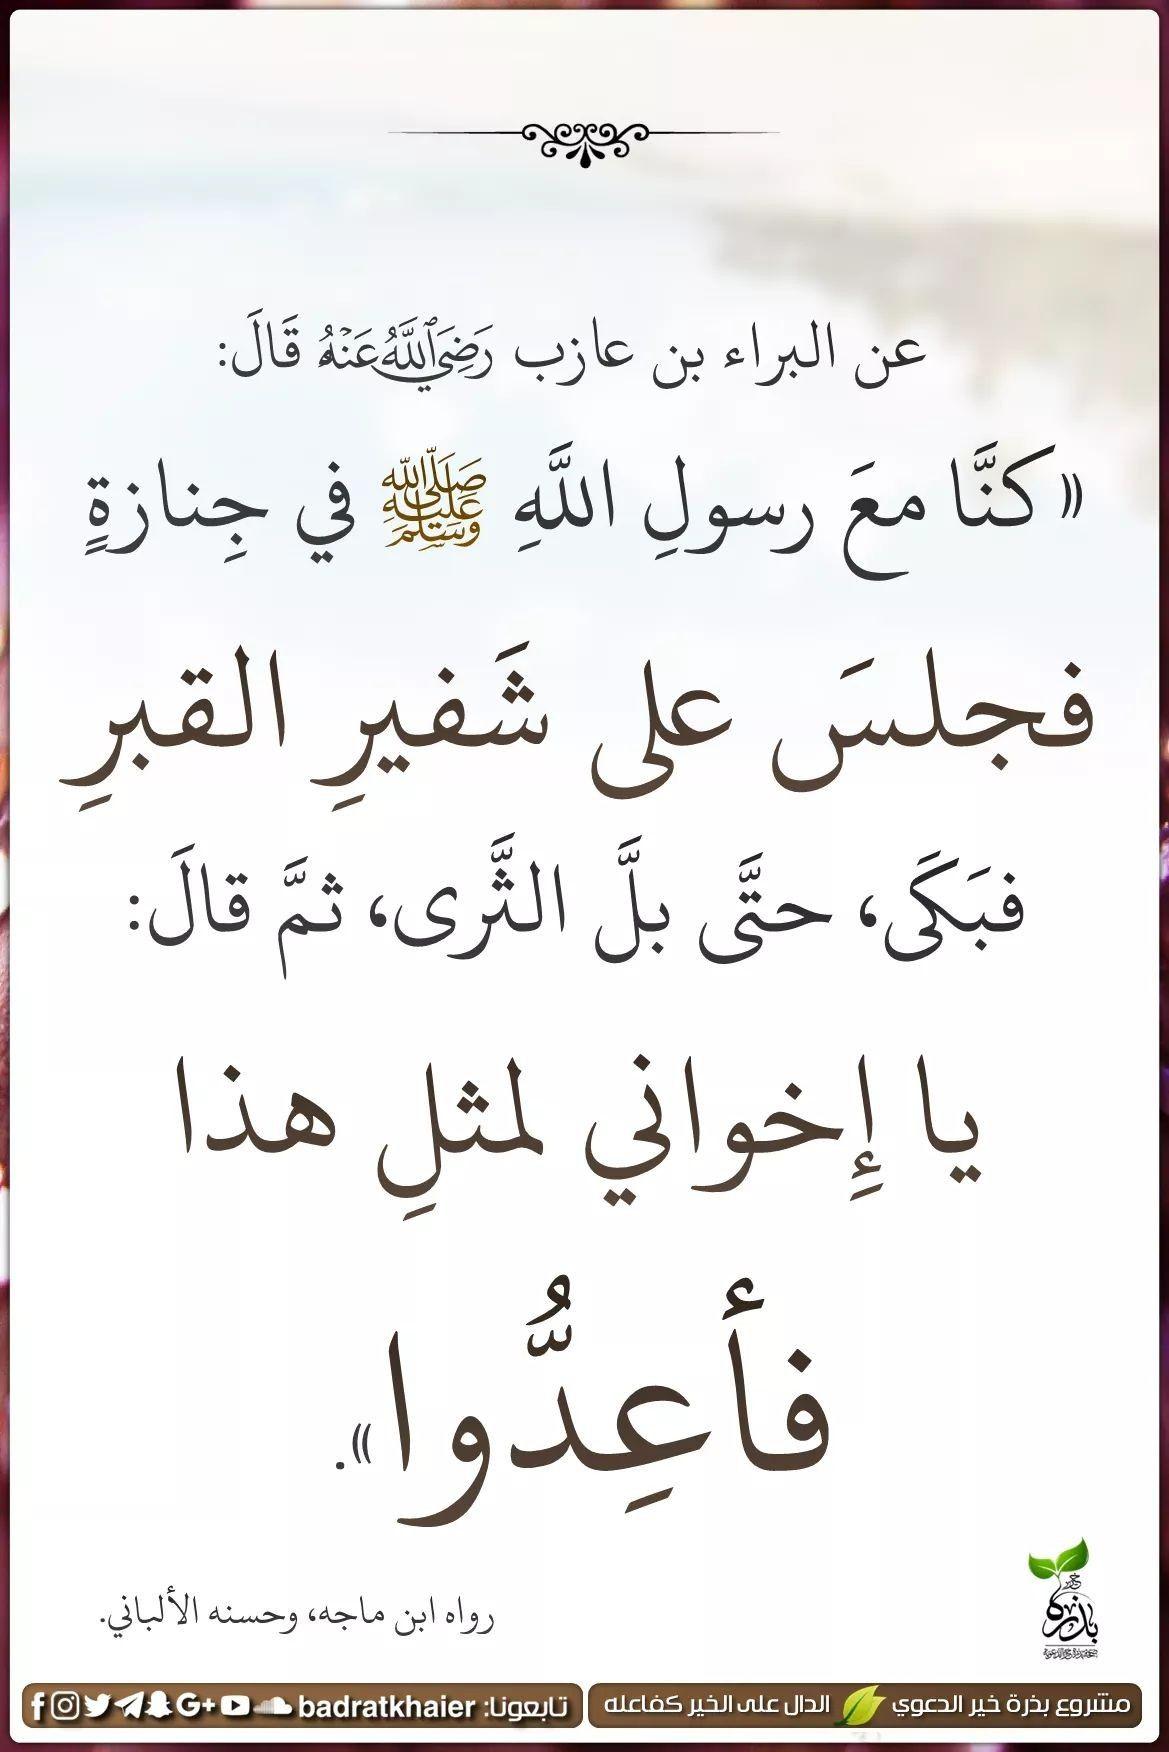 علامات الساعة الحديث الثاني انشقاق القمر في عهد الرسول صلى الله عليه وسلم Signs Of The Hour Seco Islamic Quotes Quran Quotes Islamic Inspirational Quotes